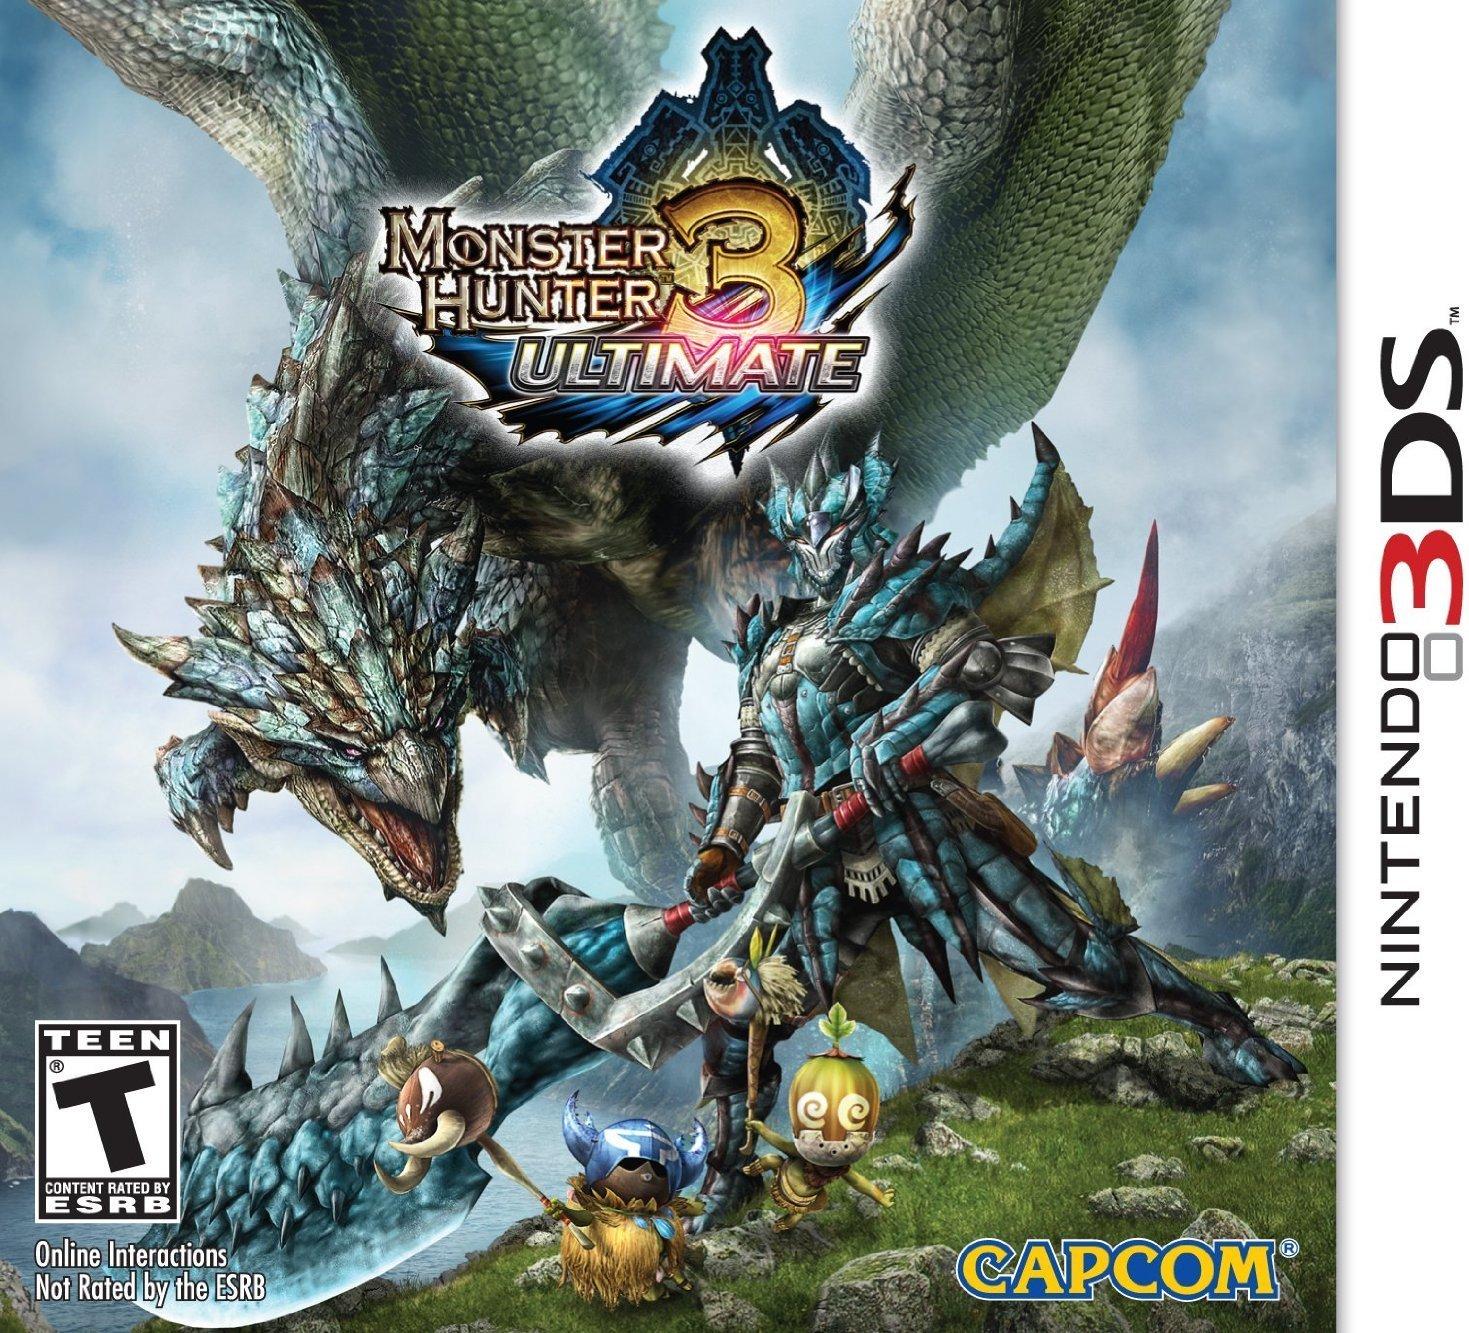 Capcom Nintendo 3DS/Wii U Digital Games: Monster Hunter 3: Ultimate $9.99, Super Street Figher IV: 3D Edition, Resident Evil: Revelations $4.99 & More